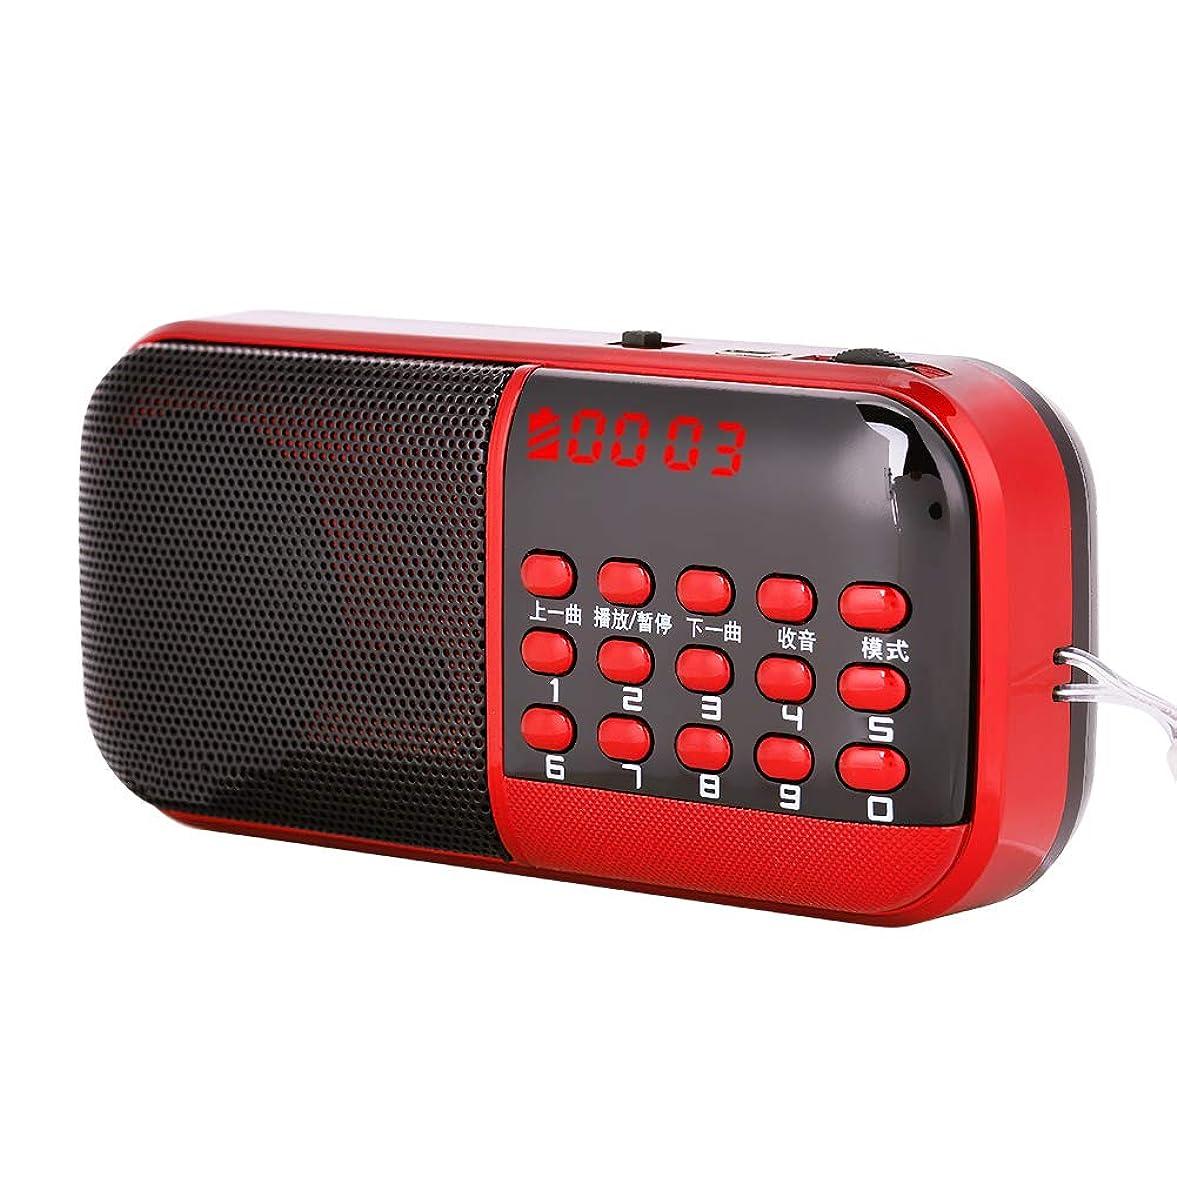 提出するアンソロジー失業者FMラジオ Acouto 87.5-108MHz ミニ ポータプル デジタル ラジオ ノイズキャンセリングサウンド HiFiサウンド 長時間再生 お年寄り用ラジオ